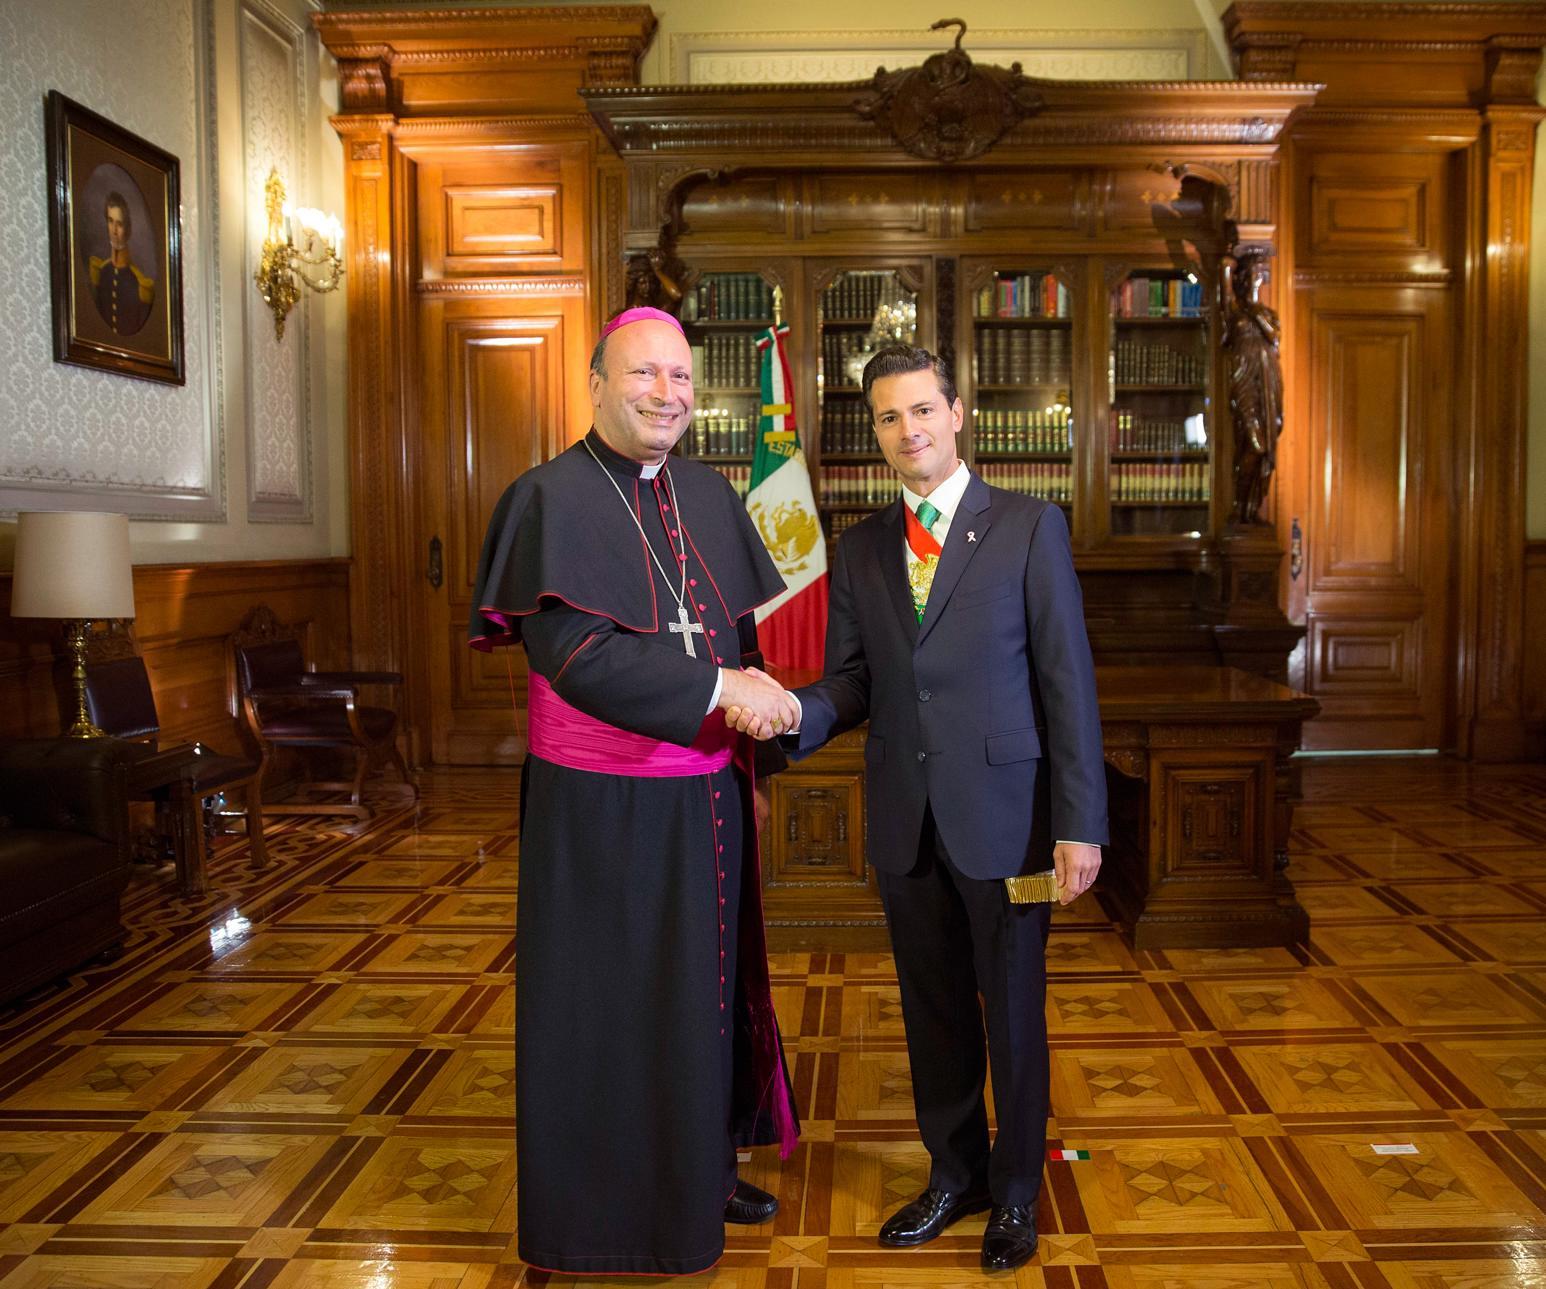 El Primer Mandatario con el señor Franco Coppola, Nuncio Apostólico, representante de la Santa Sede.